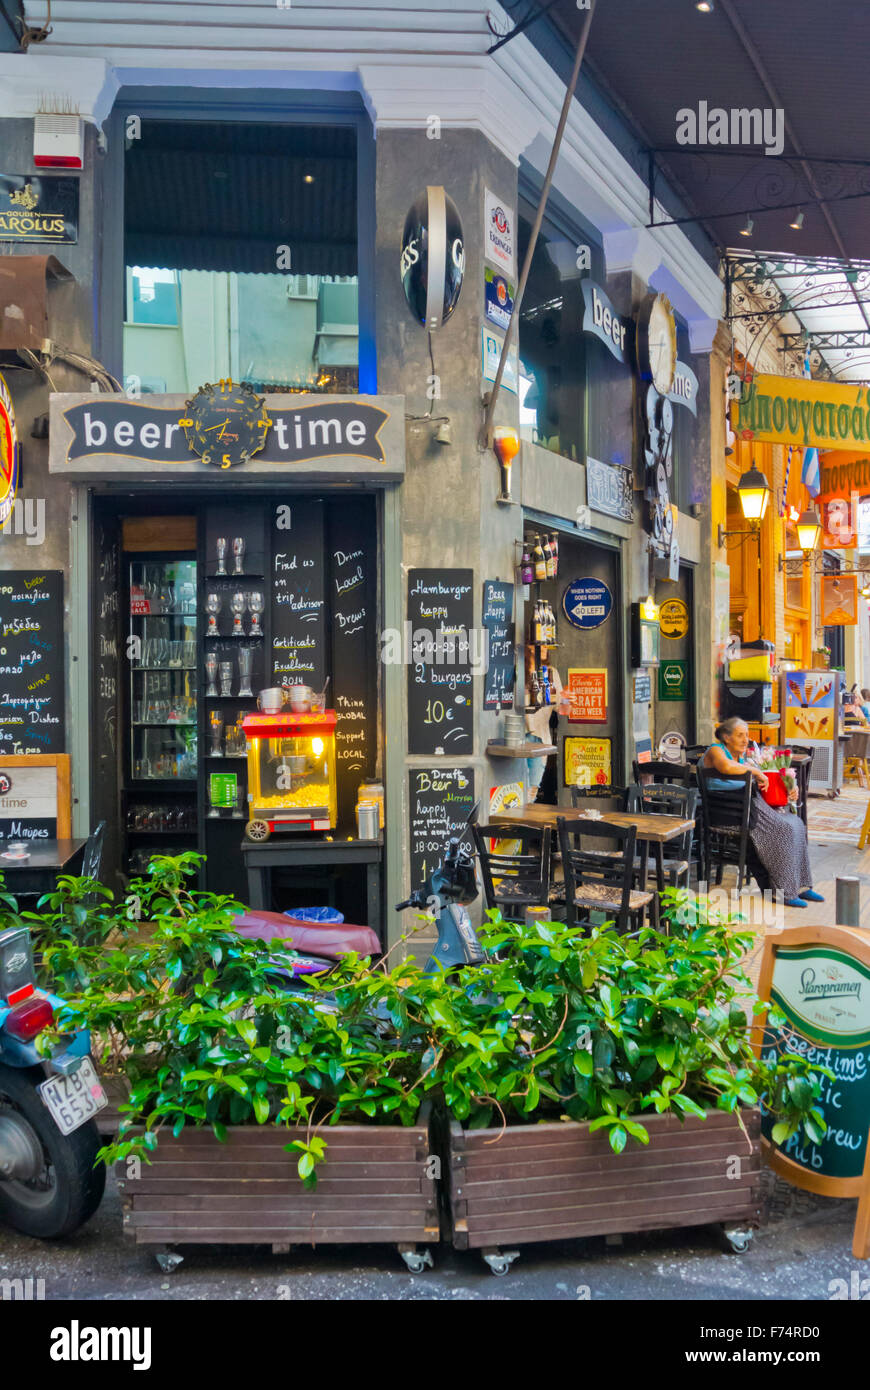 Bier mal Kneipe, Plateia Iroon, Heldenplatz, Nachtleben entdecken, Psyri Viertel, Athen, Griechenland Stockbild